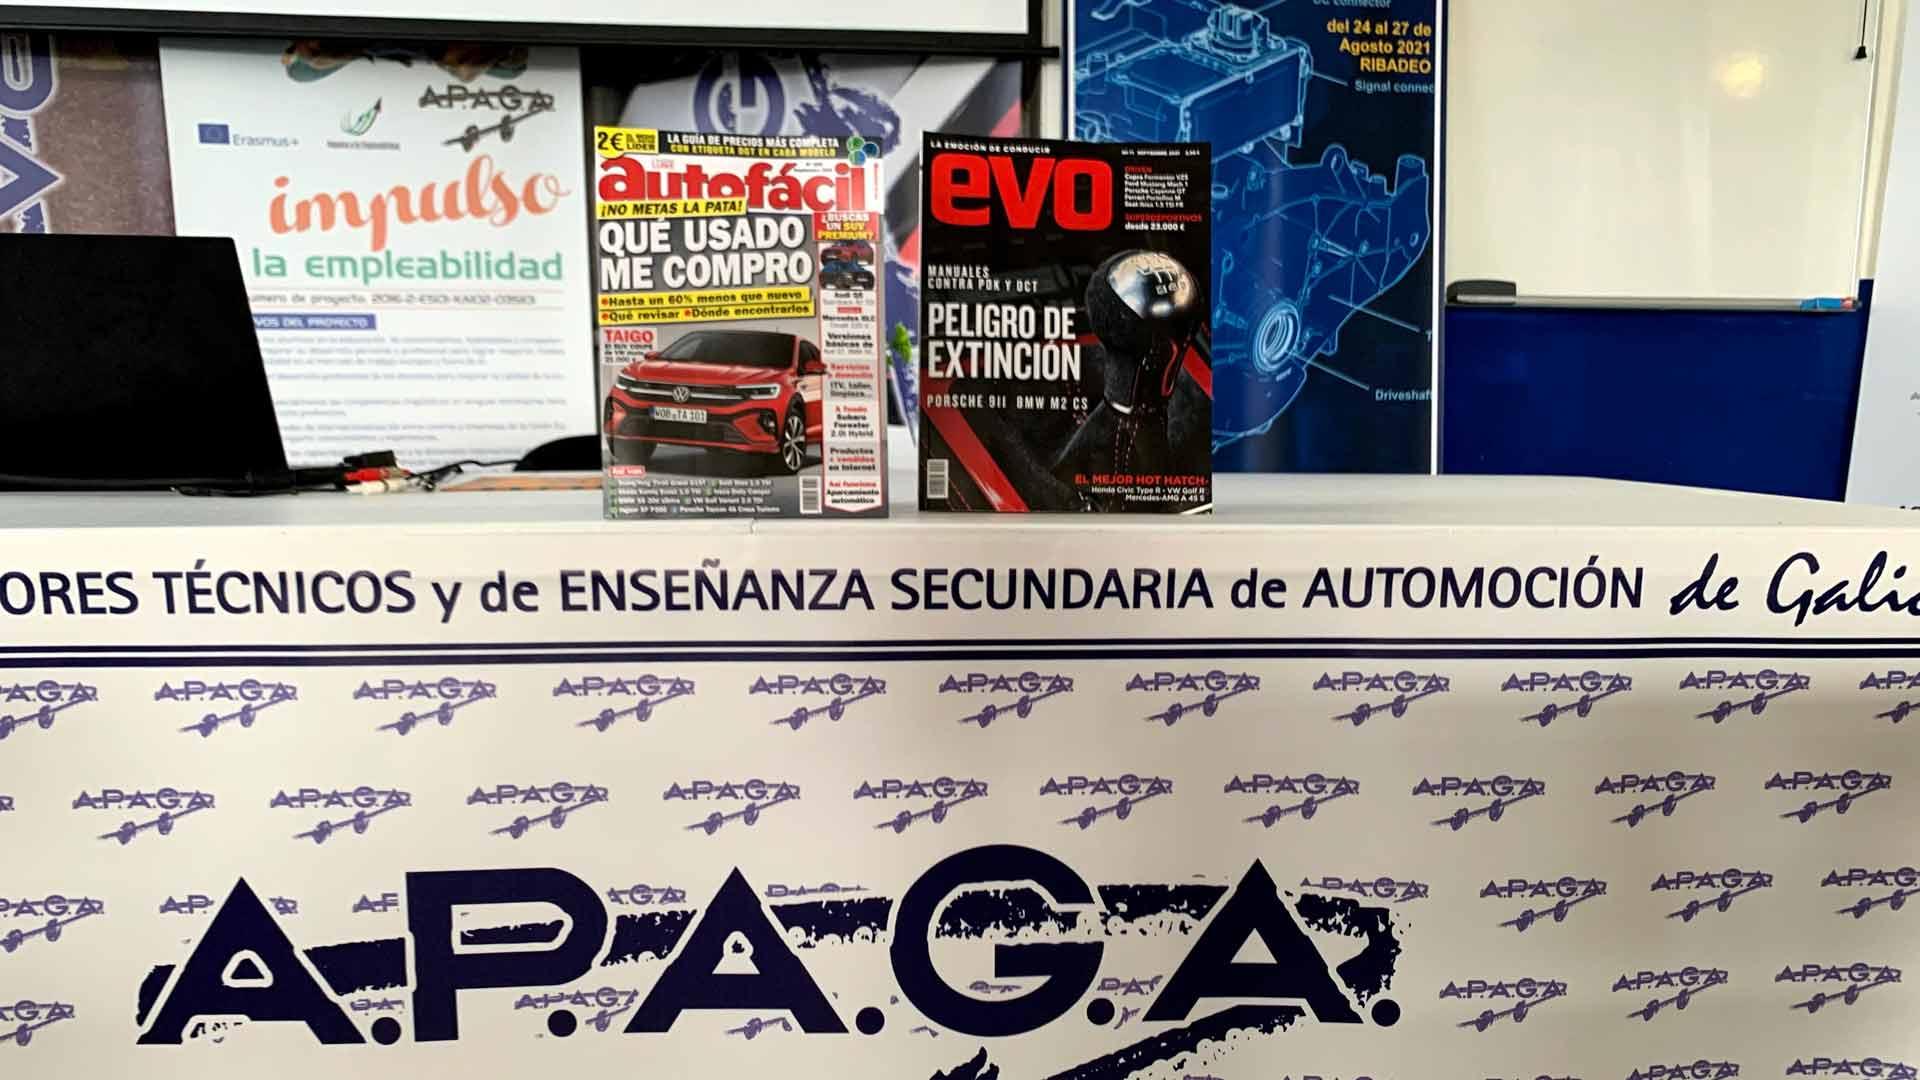 APAGA y Luike Editor